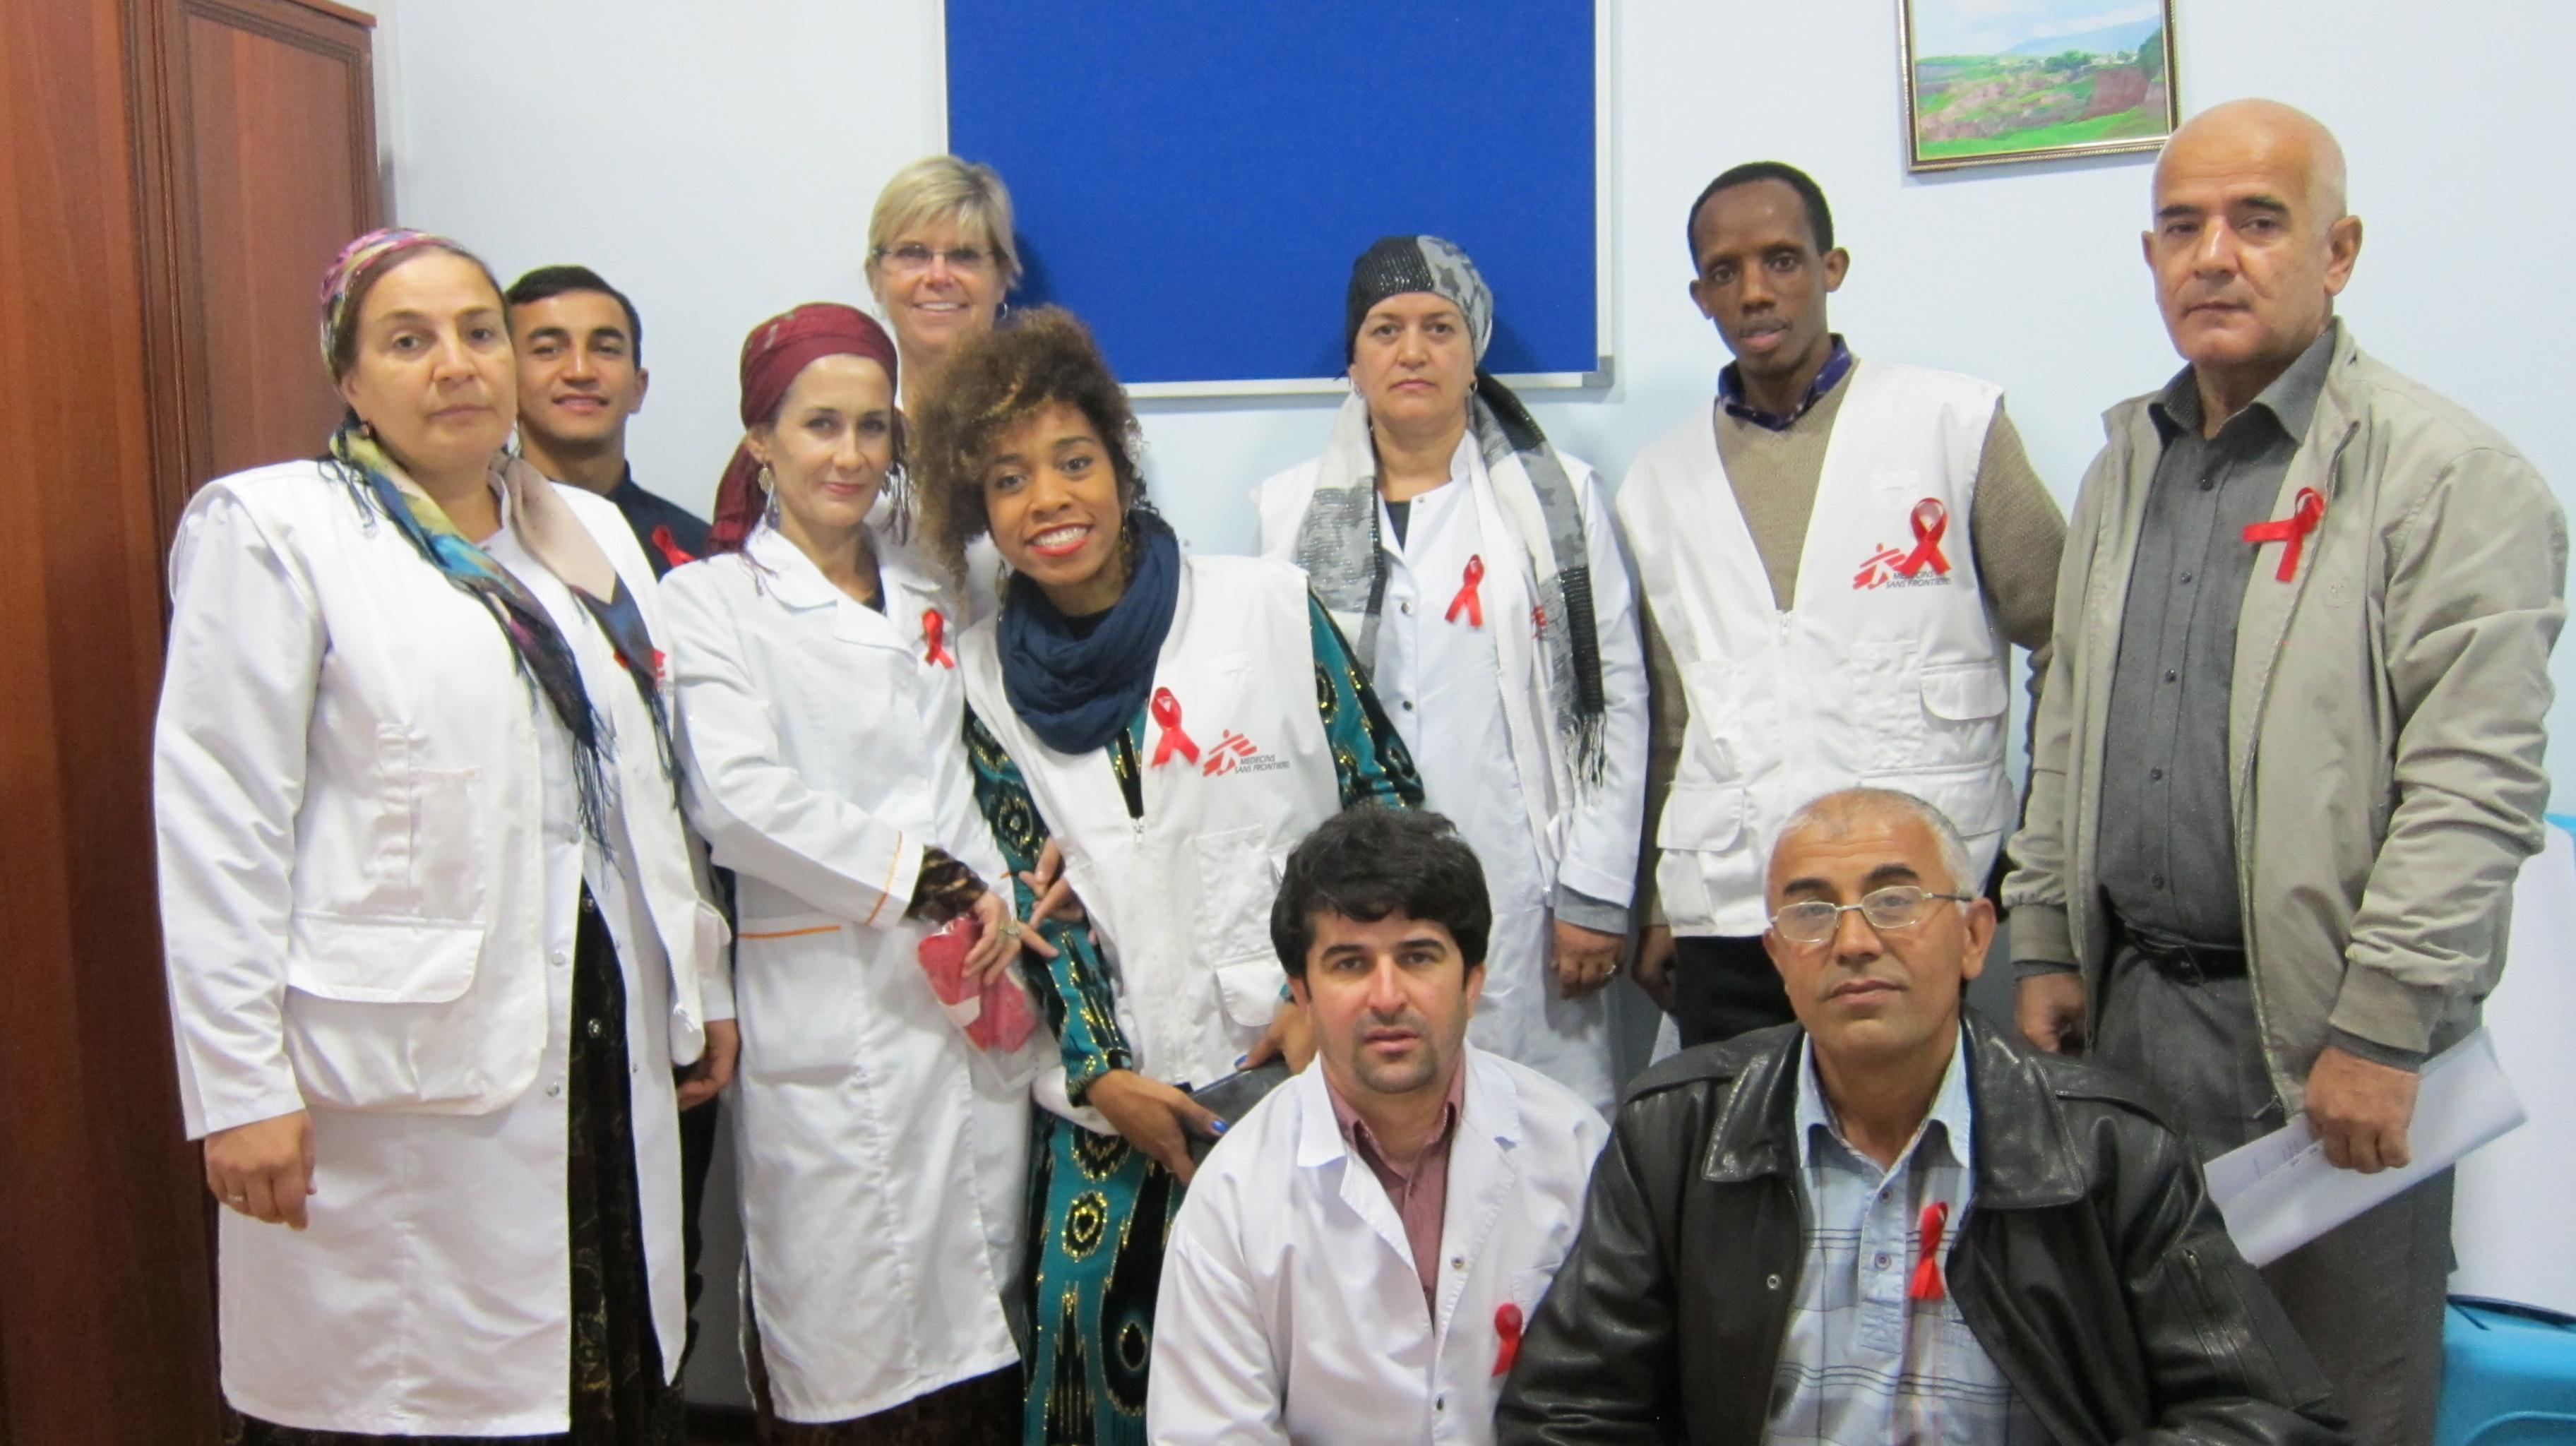 Cuidando de crianças com HIV no Tadjiquistão